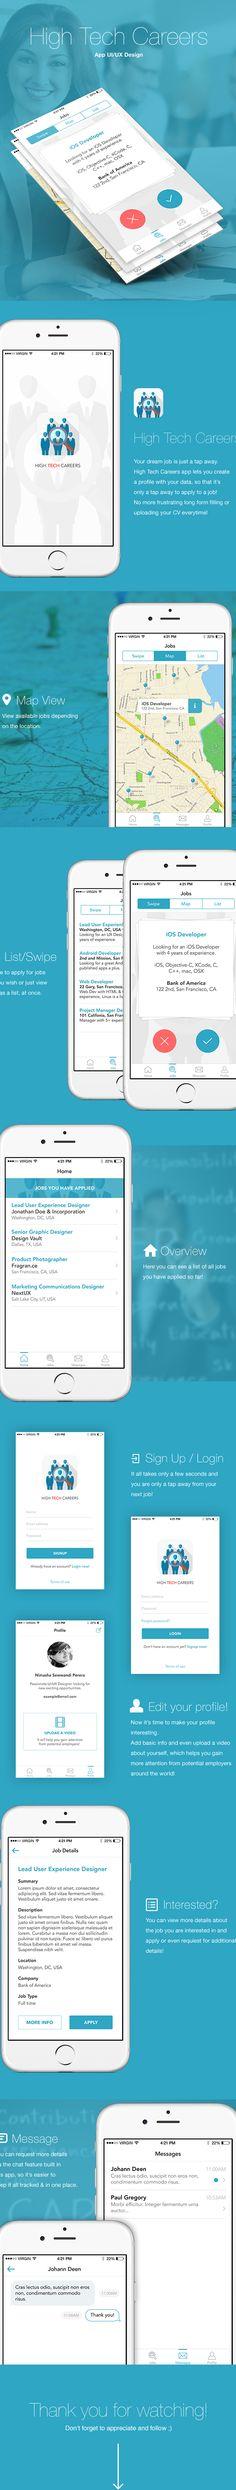 HIGH TECH CAREERS | iOS App UI Design on Behance